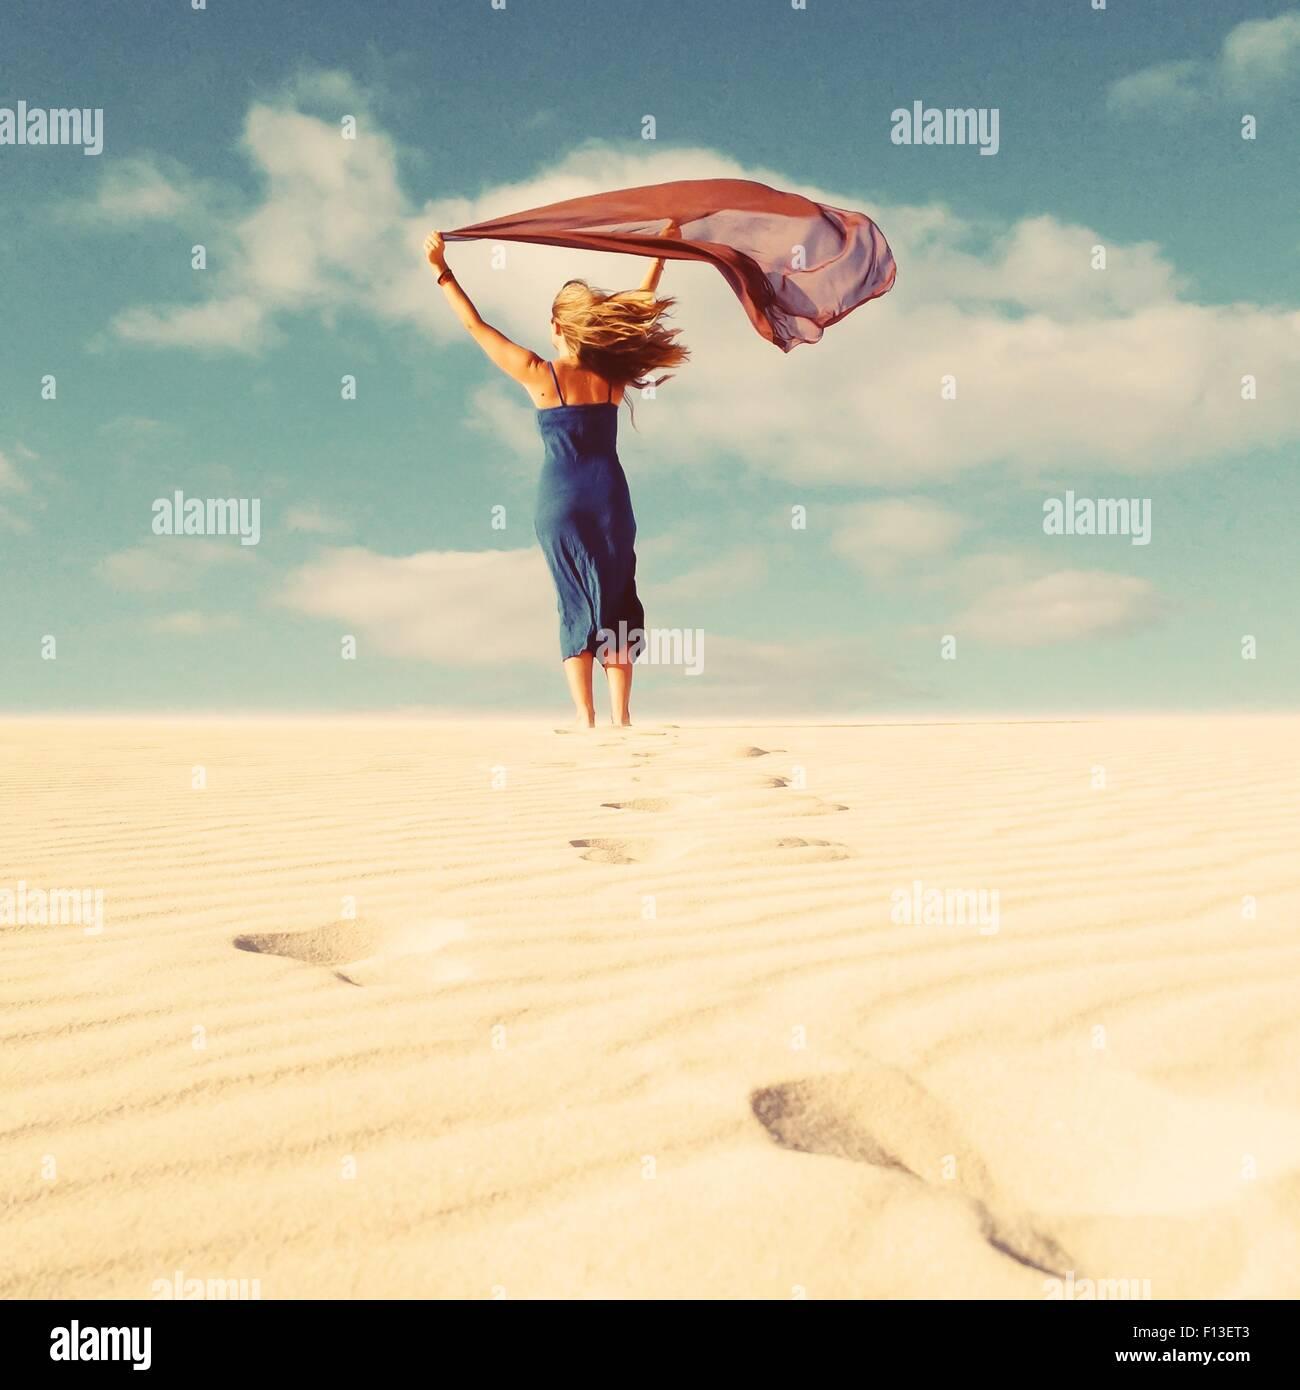 Vista posteriore di una donna in possesso di una sciarpa che soffia nel vento Immagini Stock